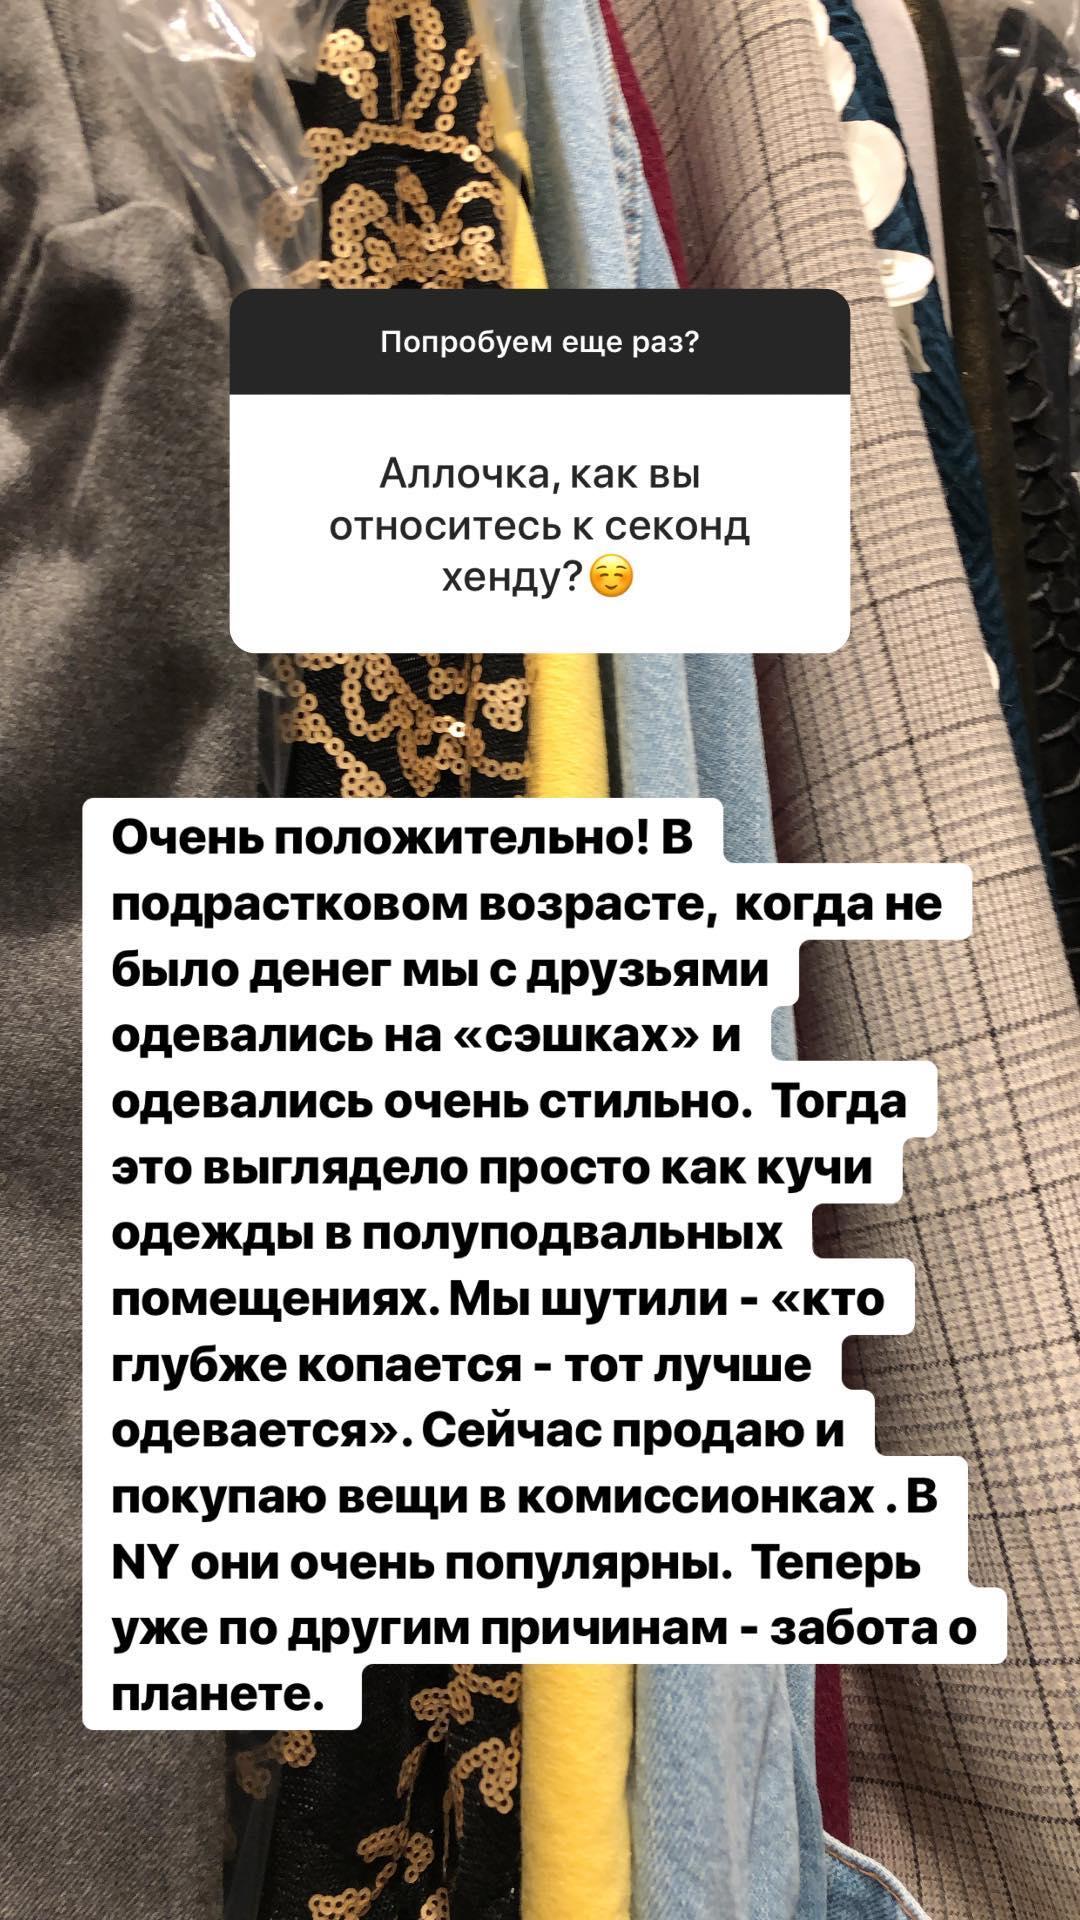 Всесвітньо відома українська модель зізналася, що одягалася в секонд-хенді